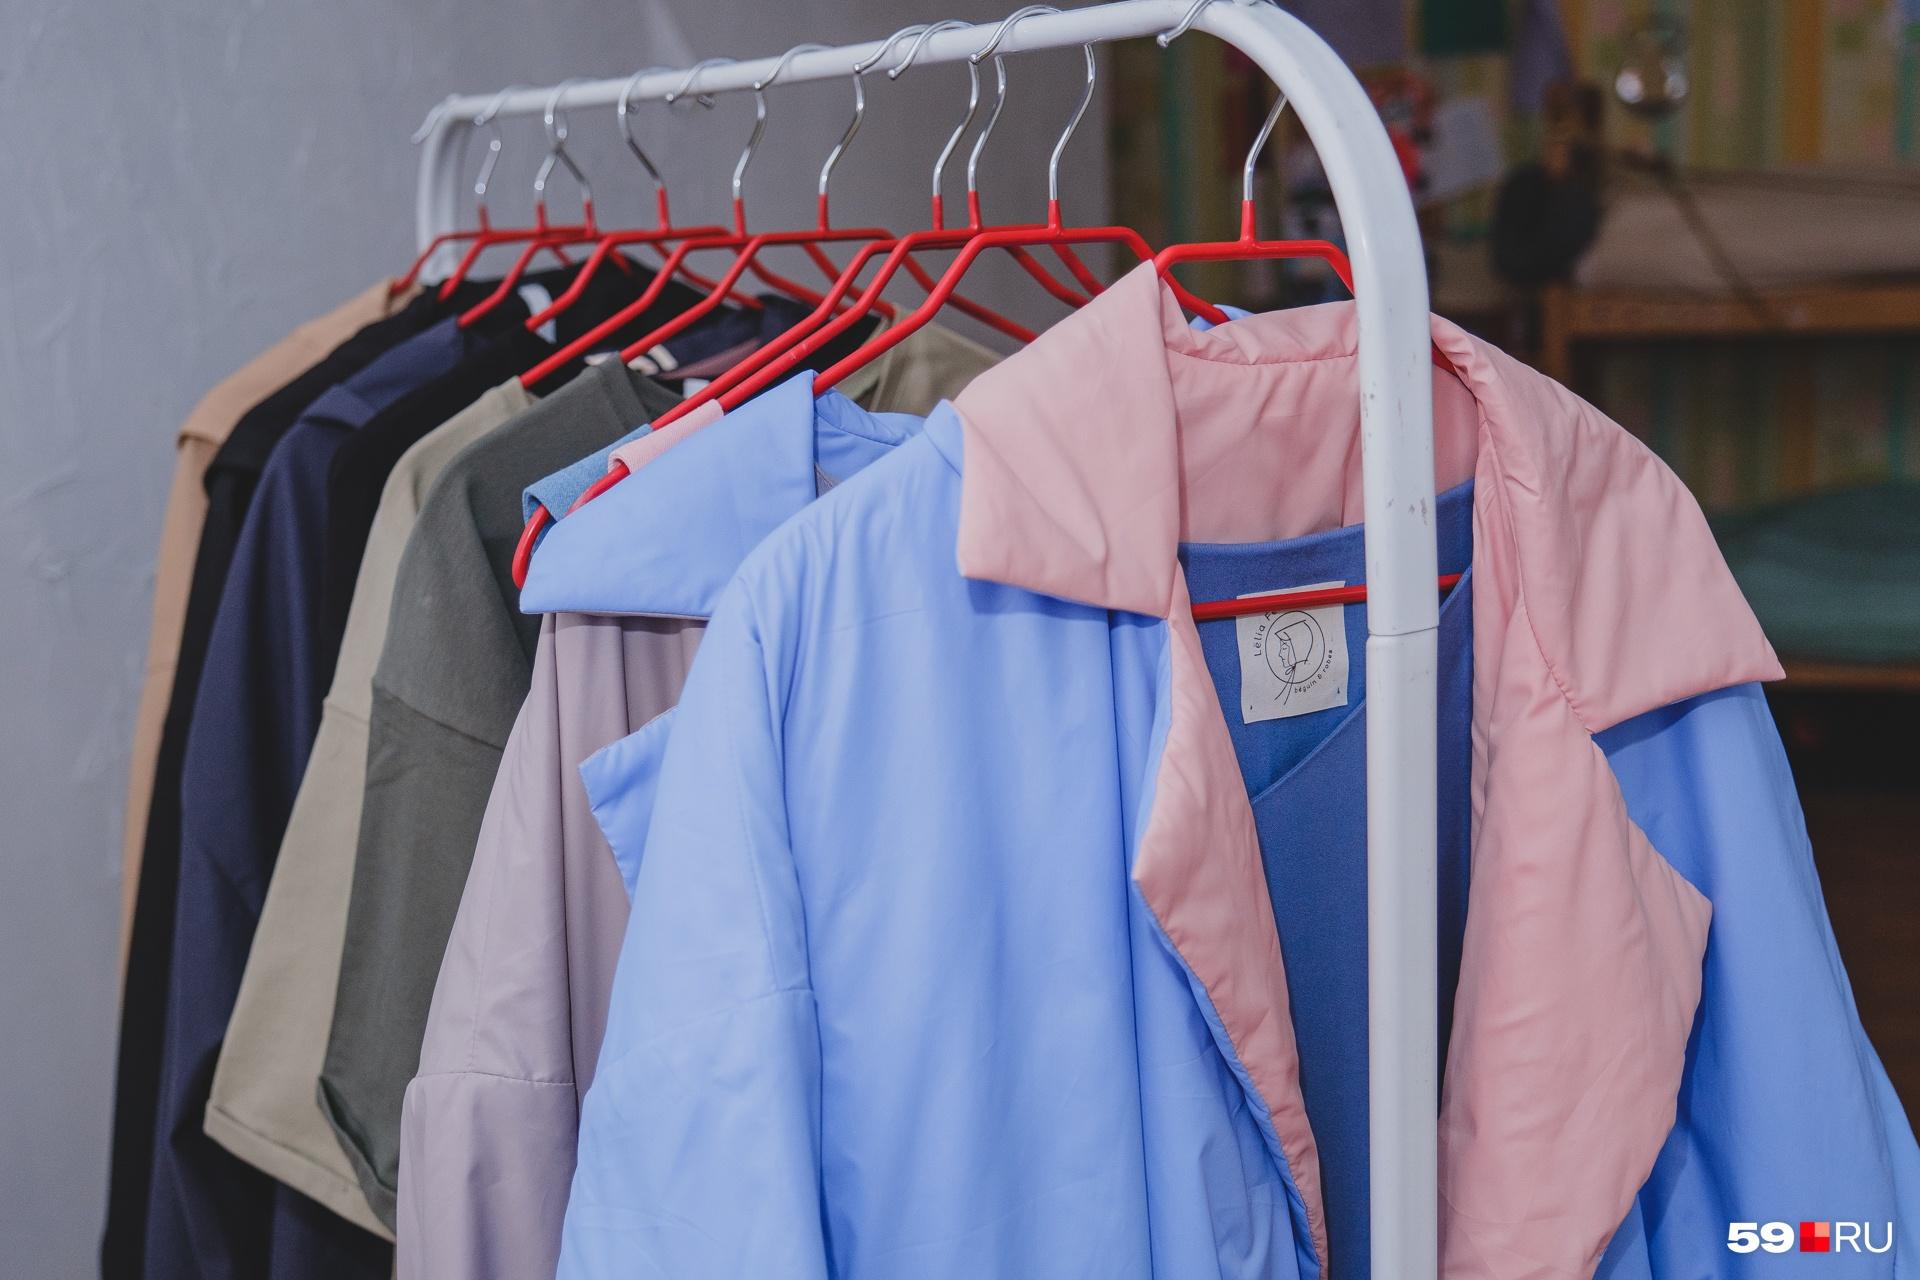 У каждого двустороннего пальто из последней коллекции уникальное сочетание цветов, одинаковых нет